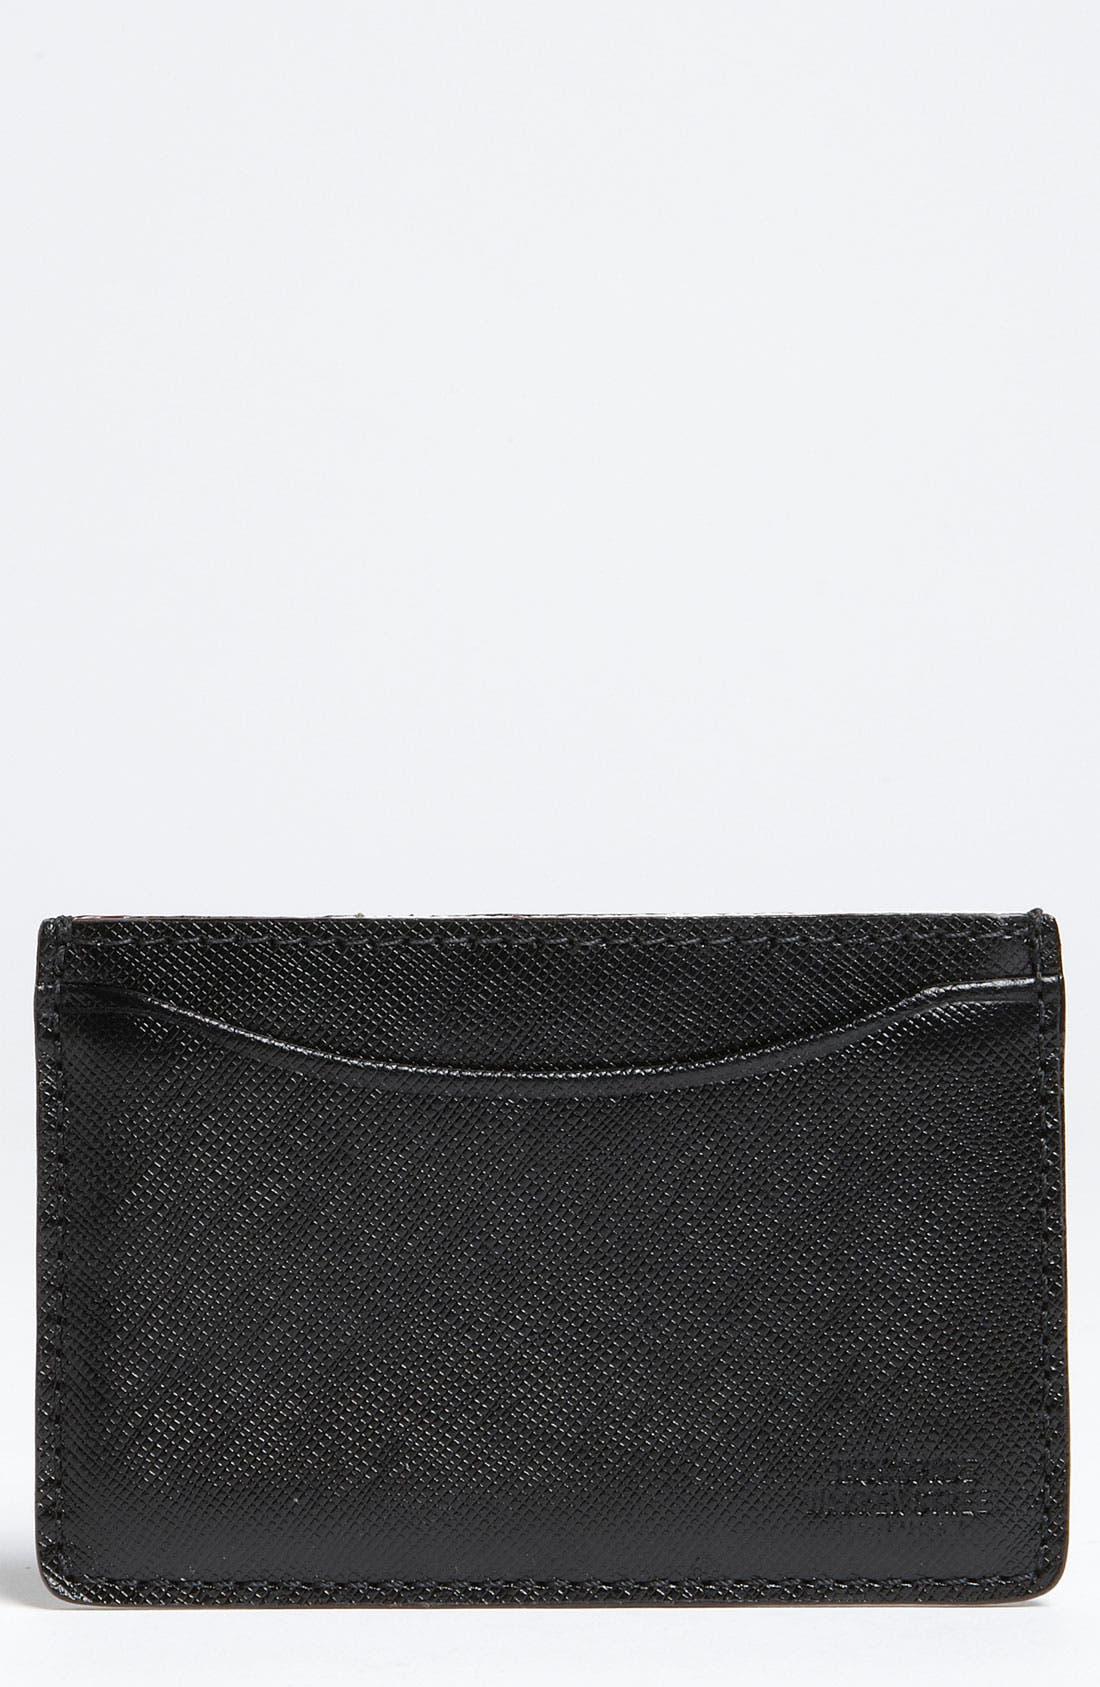 Main Image - Jack Spade Crosshatched Leather Card Holder